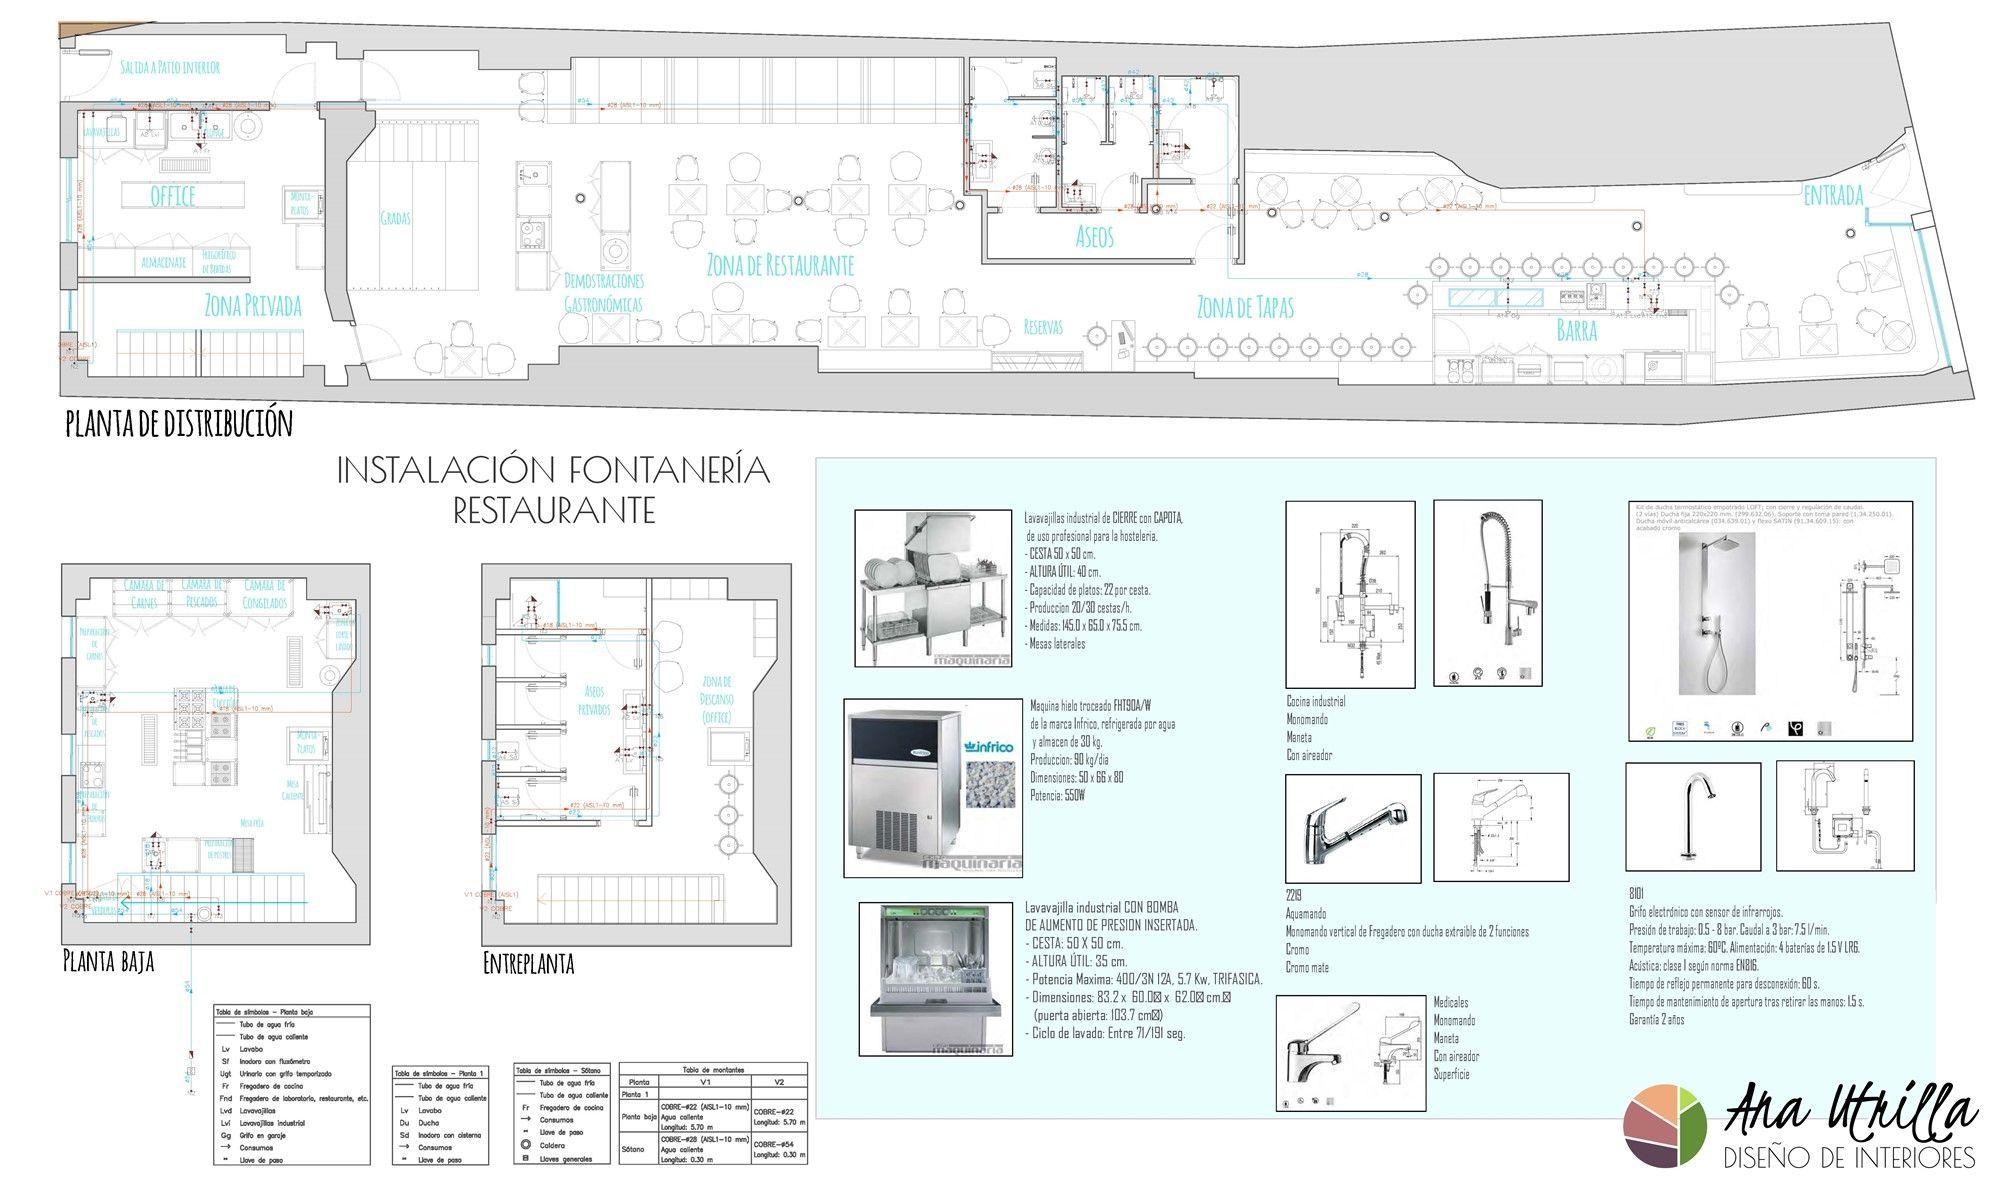 Instalación de fontanería para reforma integral de Restaurante en Valladolid, plano realizado por Ana Utrilla